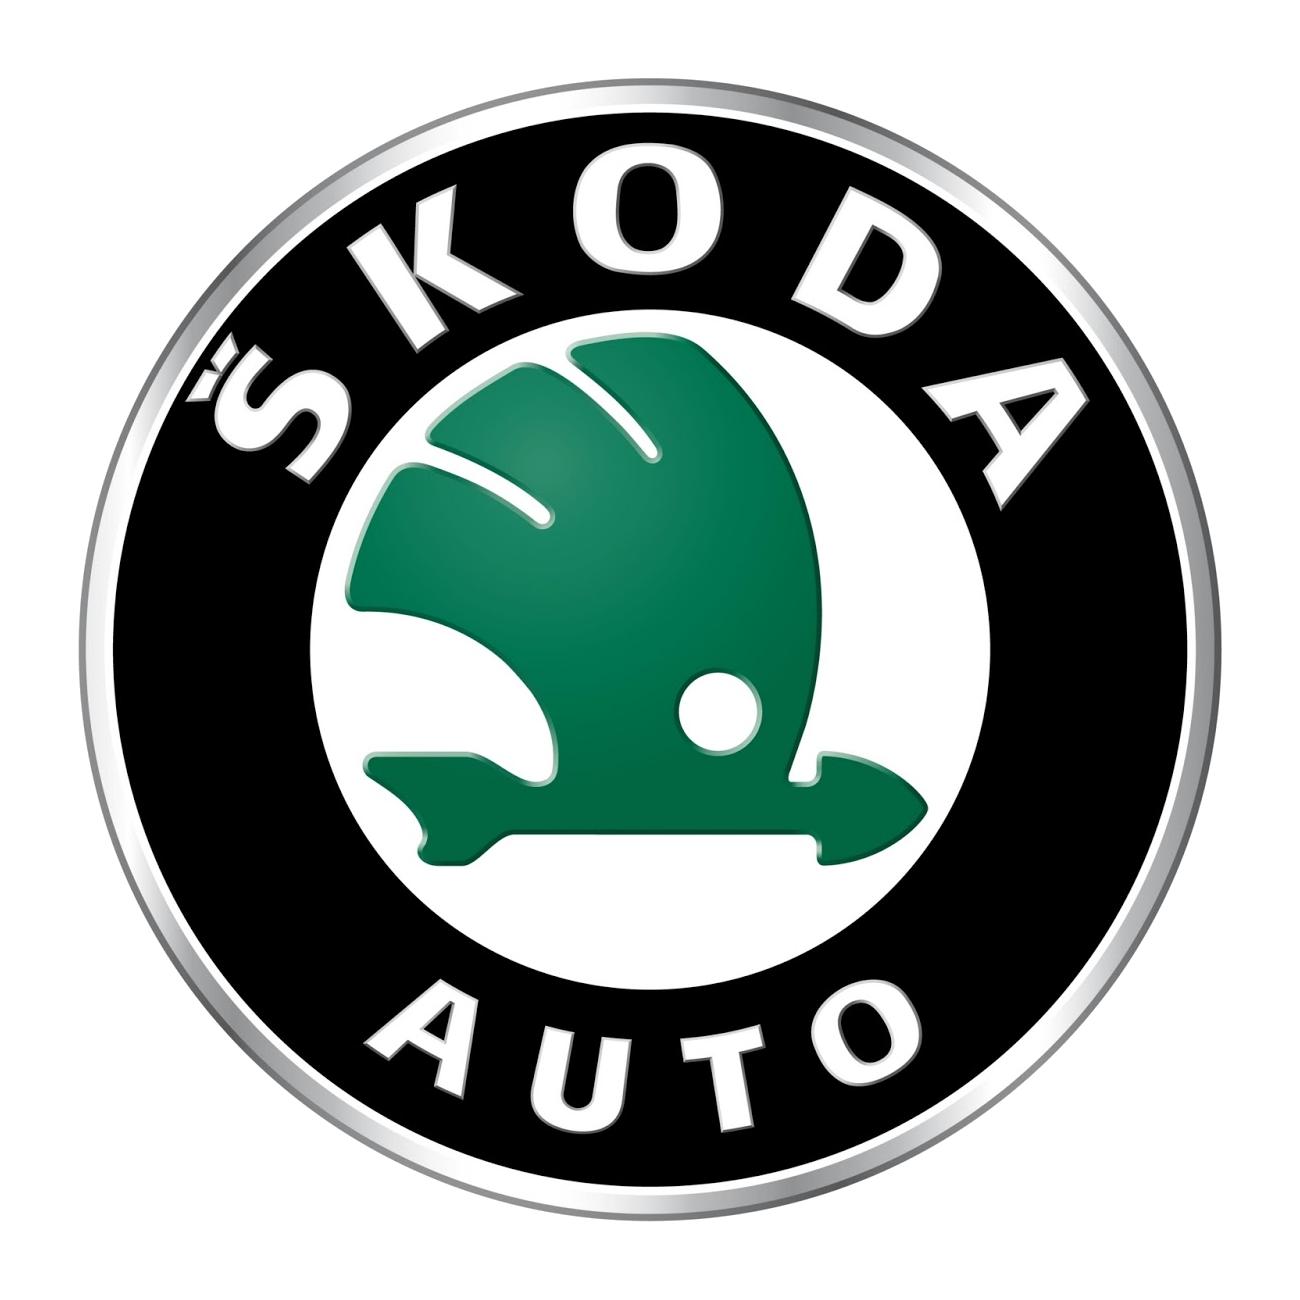 Шкода PNG фото логотип, Skoda car logo PNG